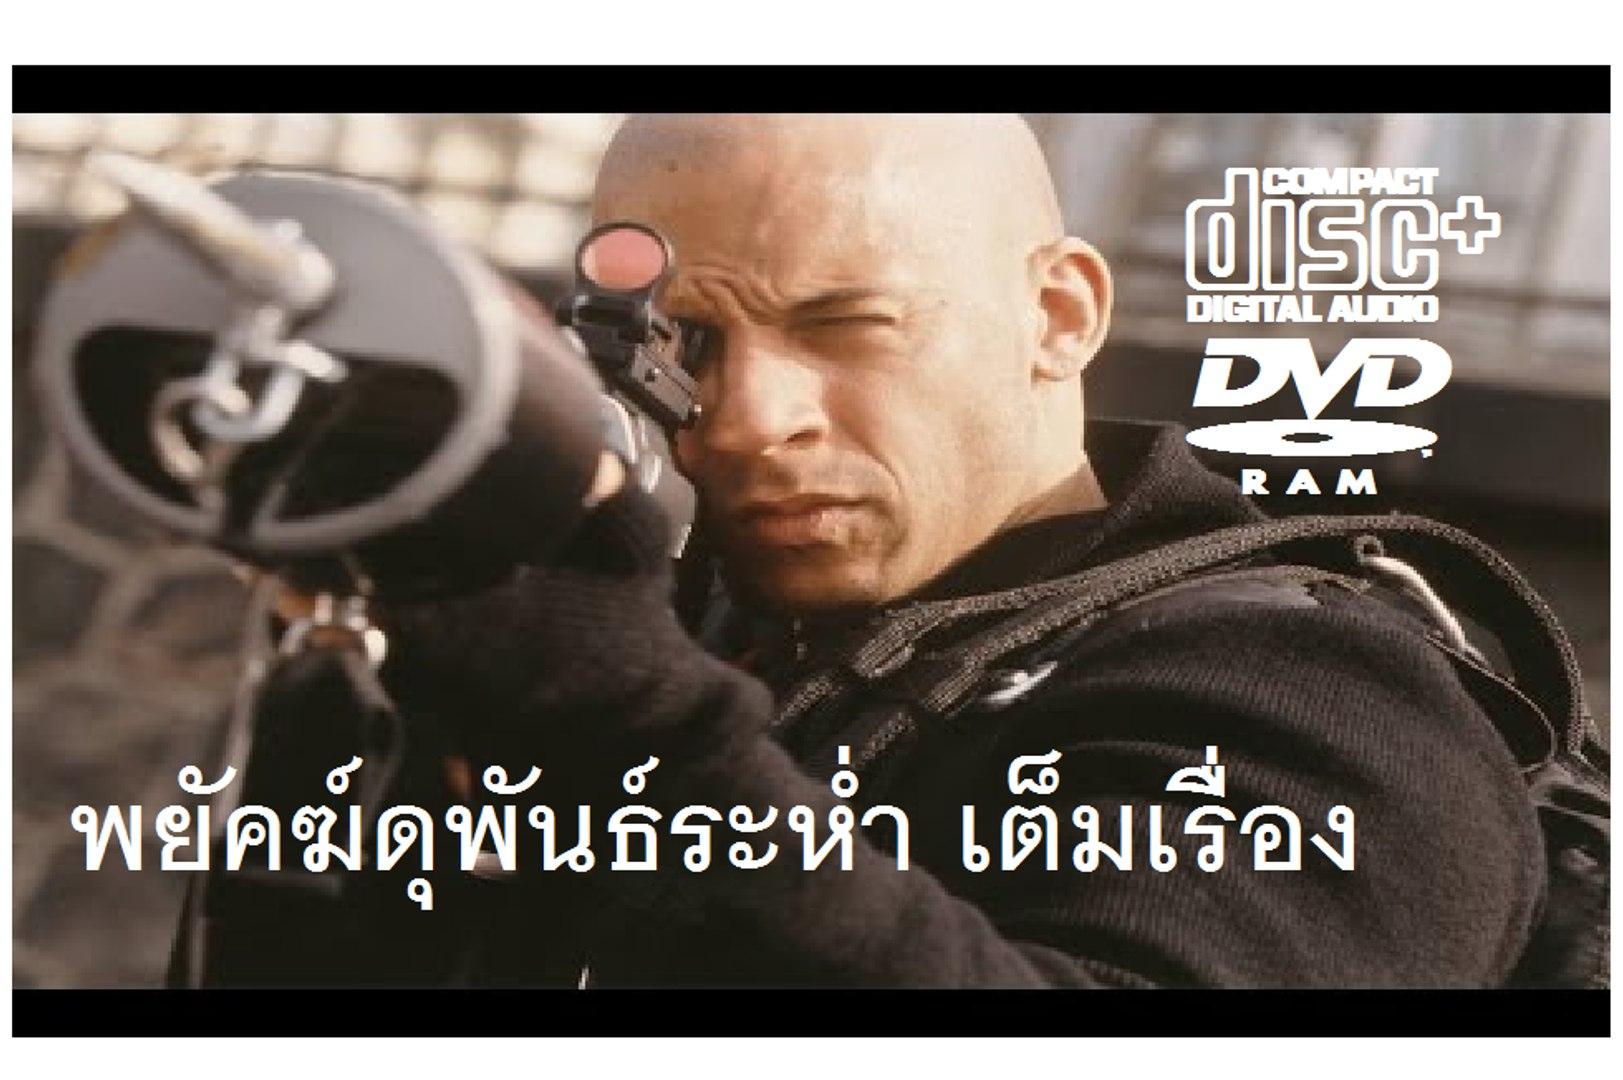 หนังใหม่ พยัคฆ์ดุพันธุ์ระห่ำ พากย์ไทยเต็มเรื่อง ep2